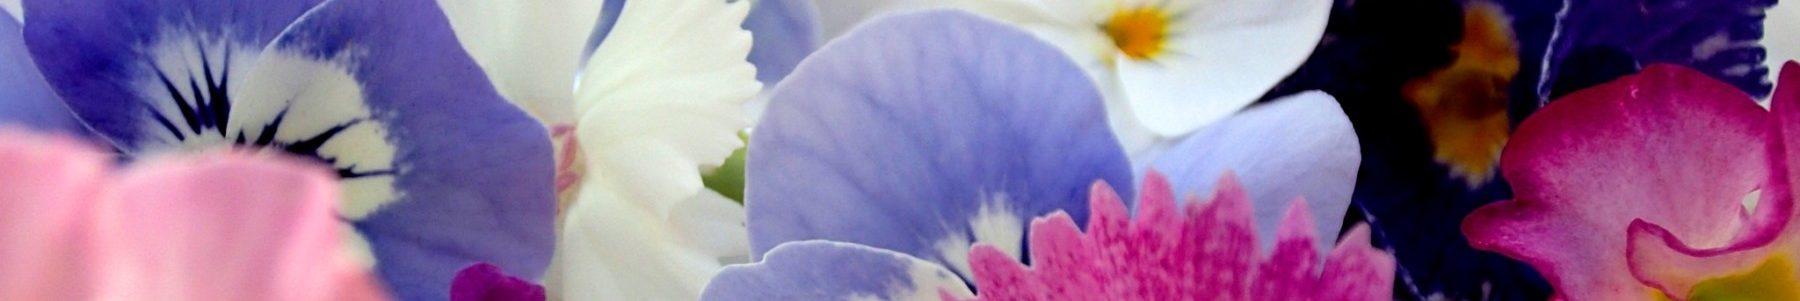 お問い合わせ - カフェや飲食店におすすめ 食用花(エディブルフラワー)のある無農薬カフェ カフェ&グリーンれんげハウス